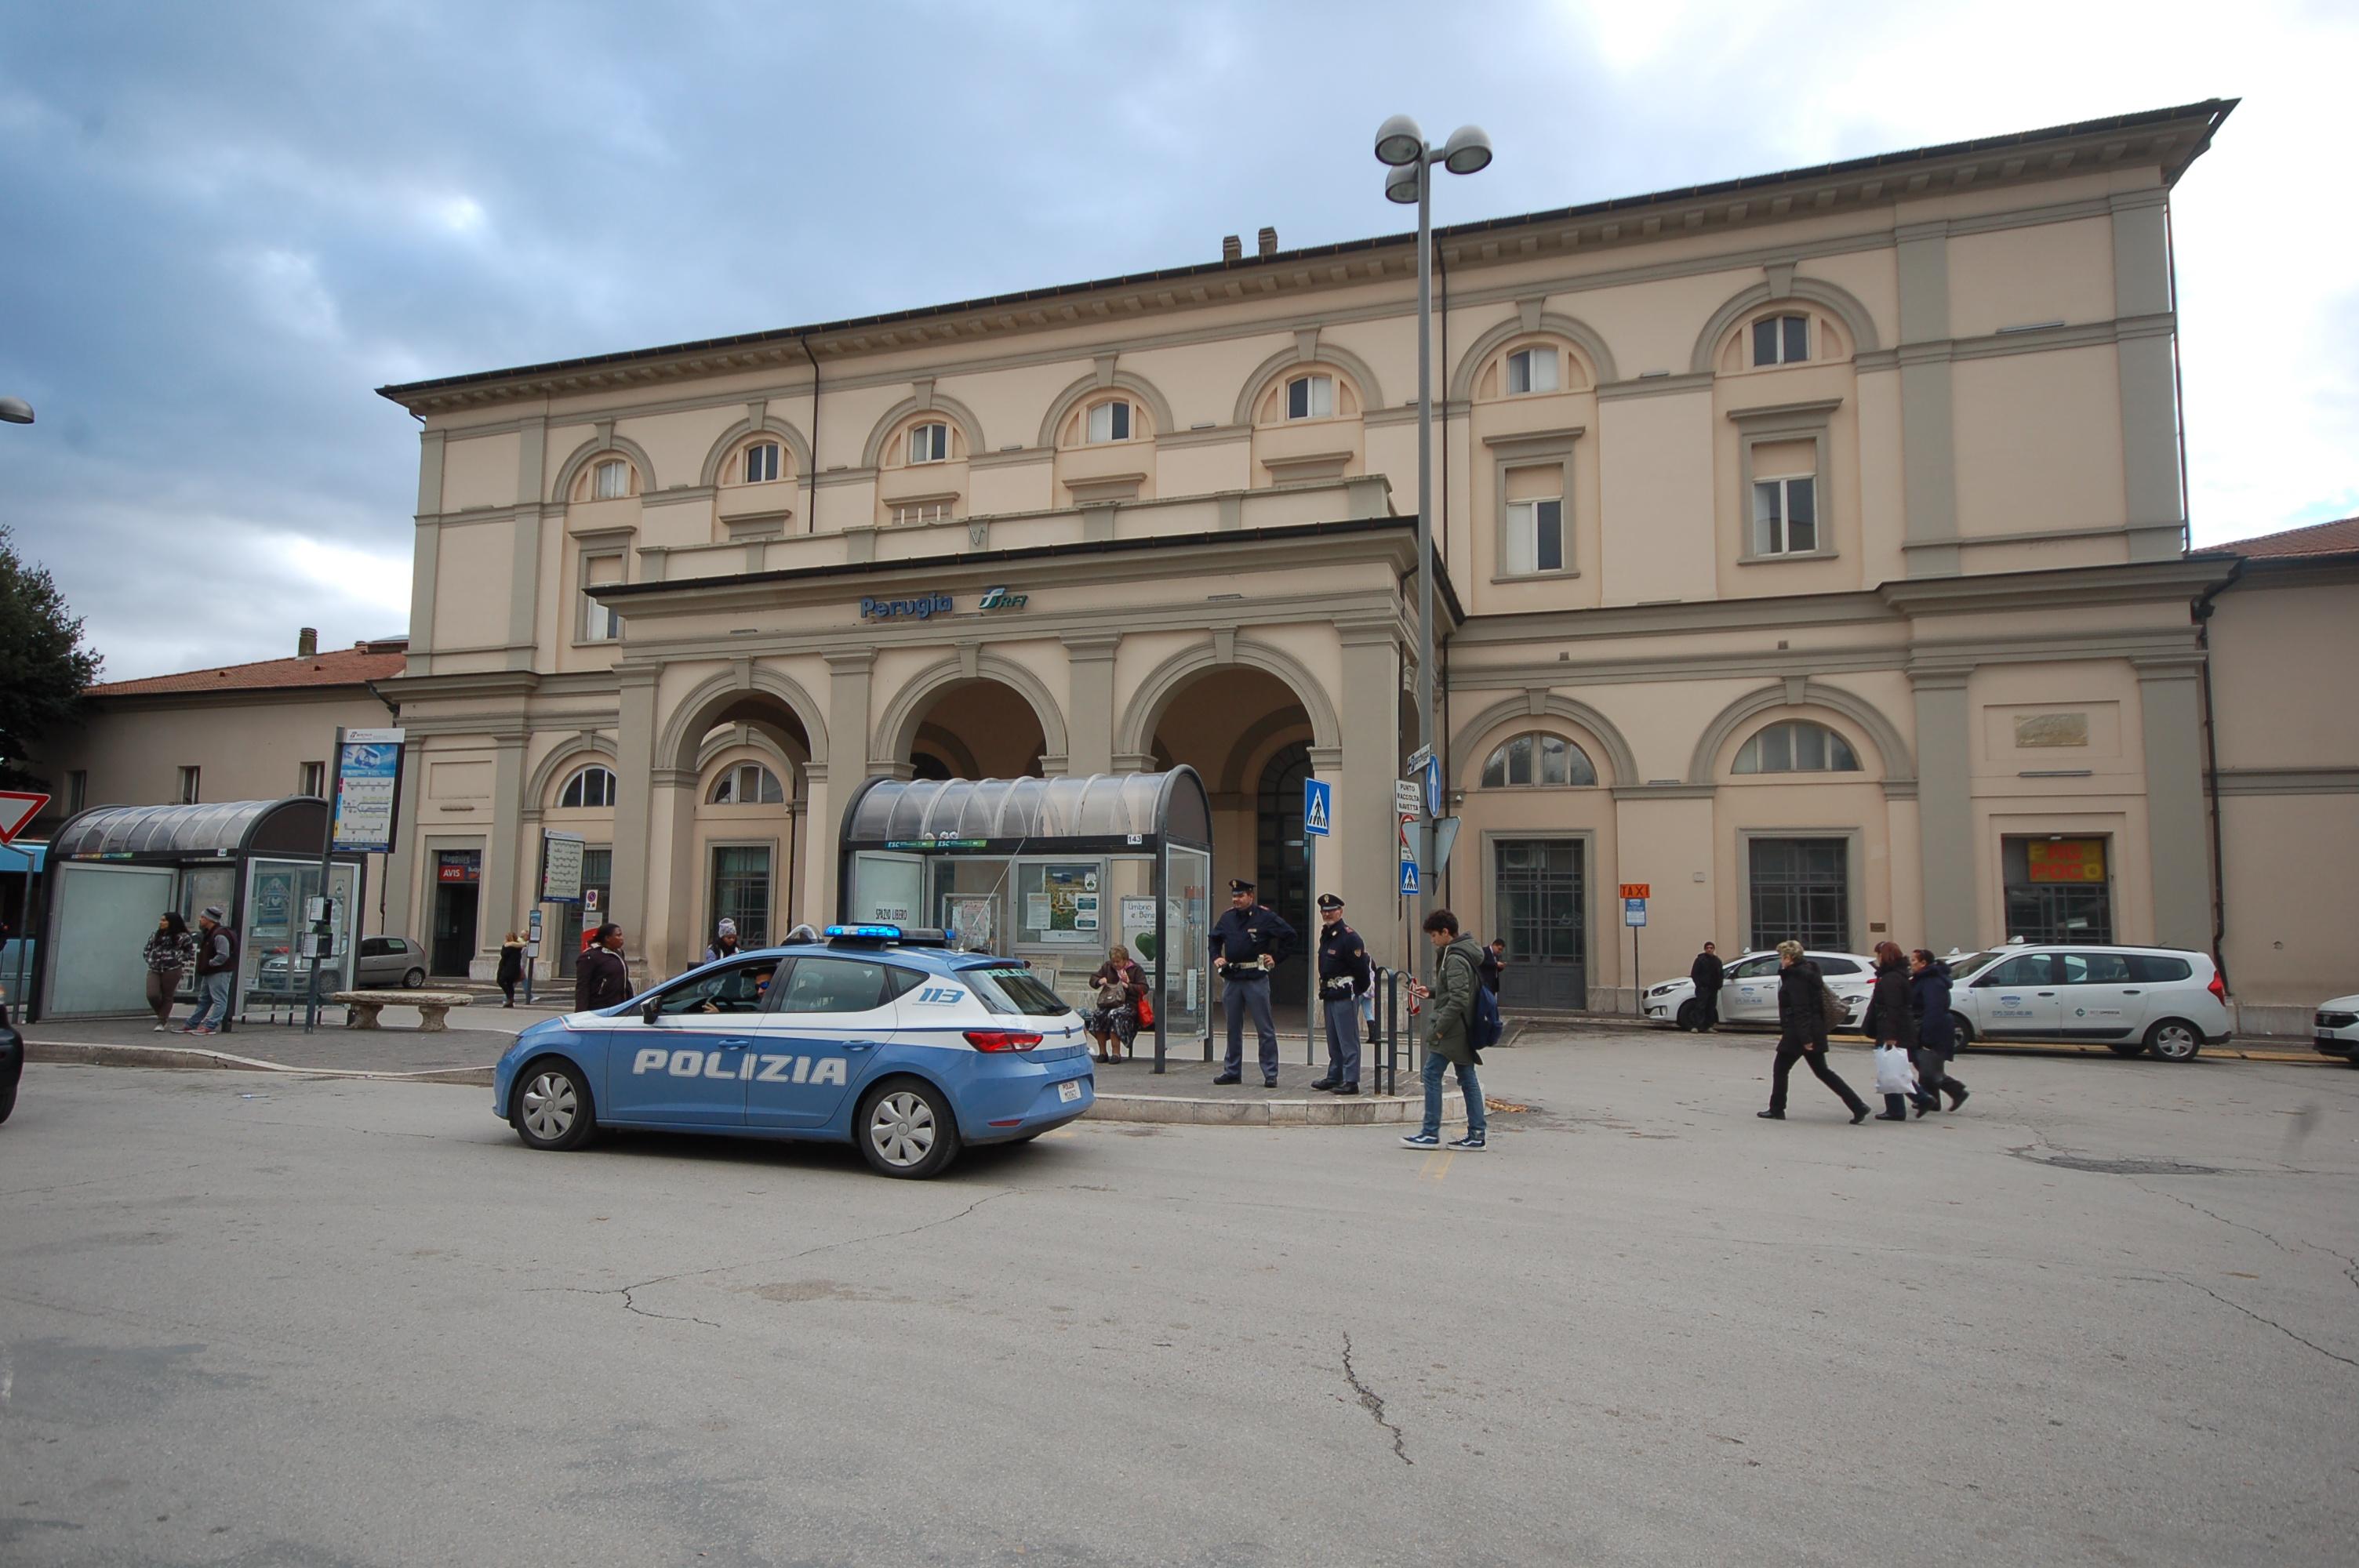 Polizia di stato questure sul web perugia for Polizia di stato soggiorno